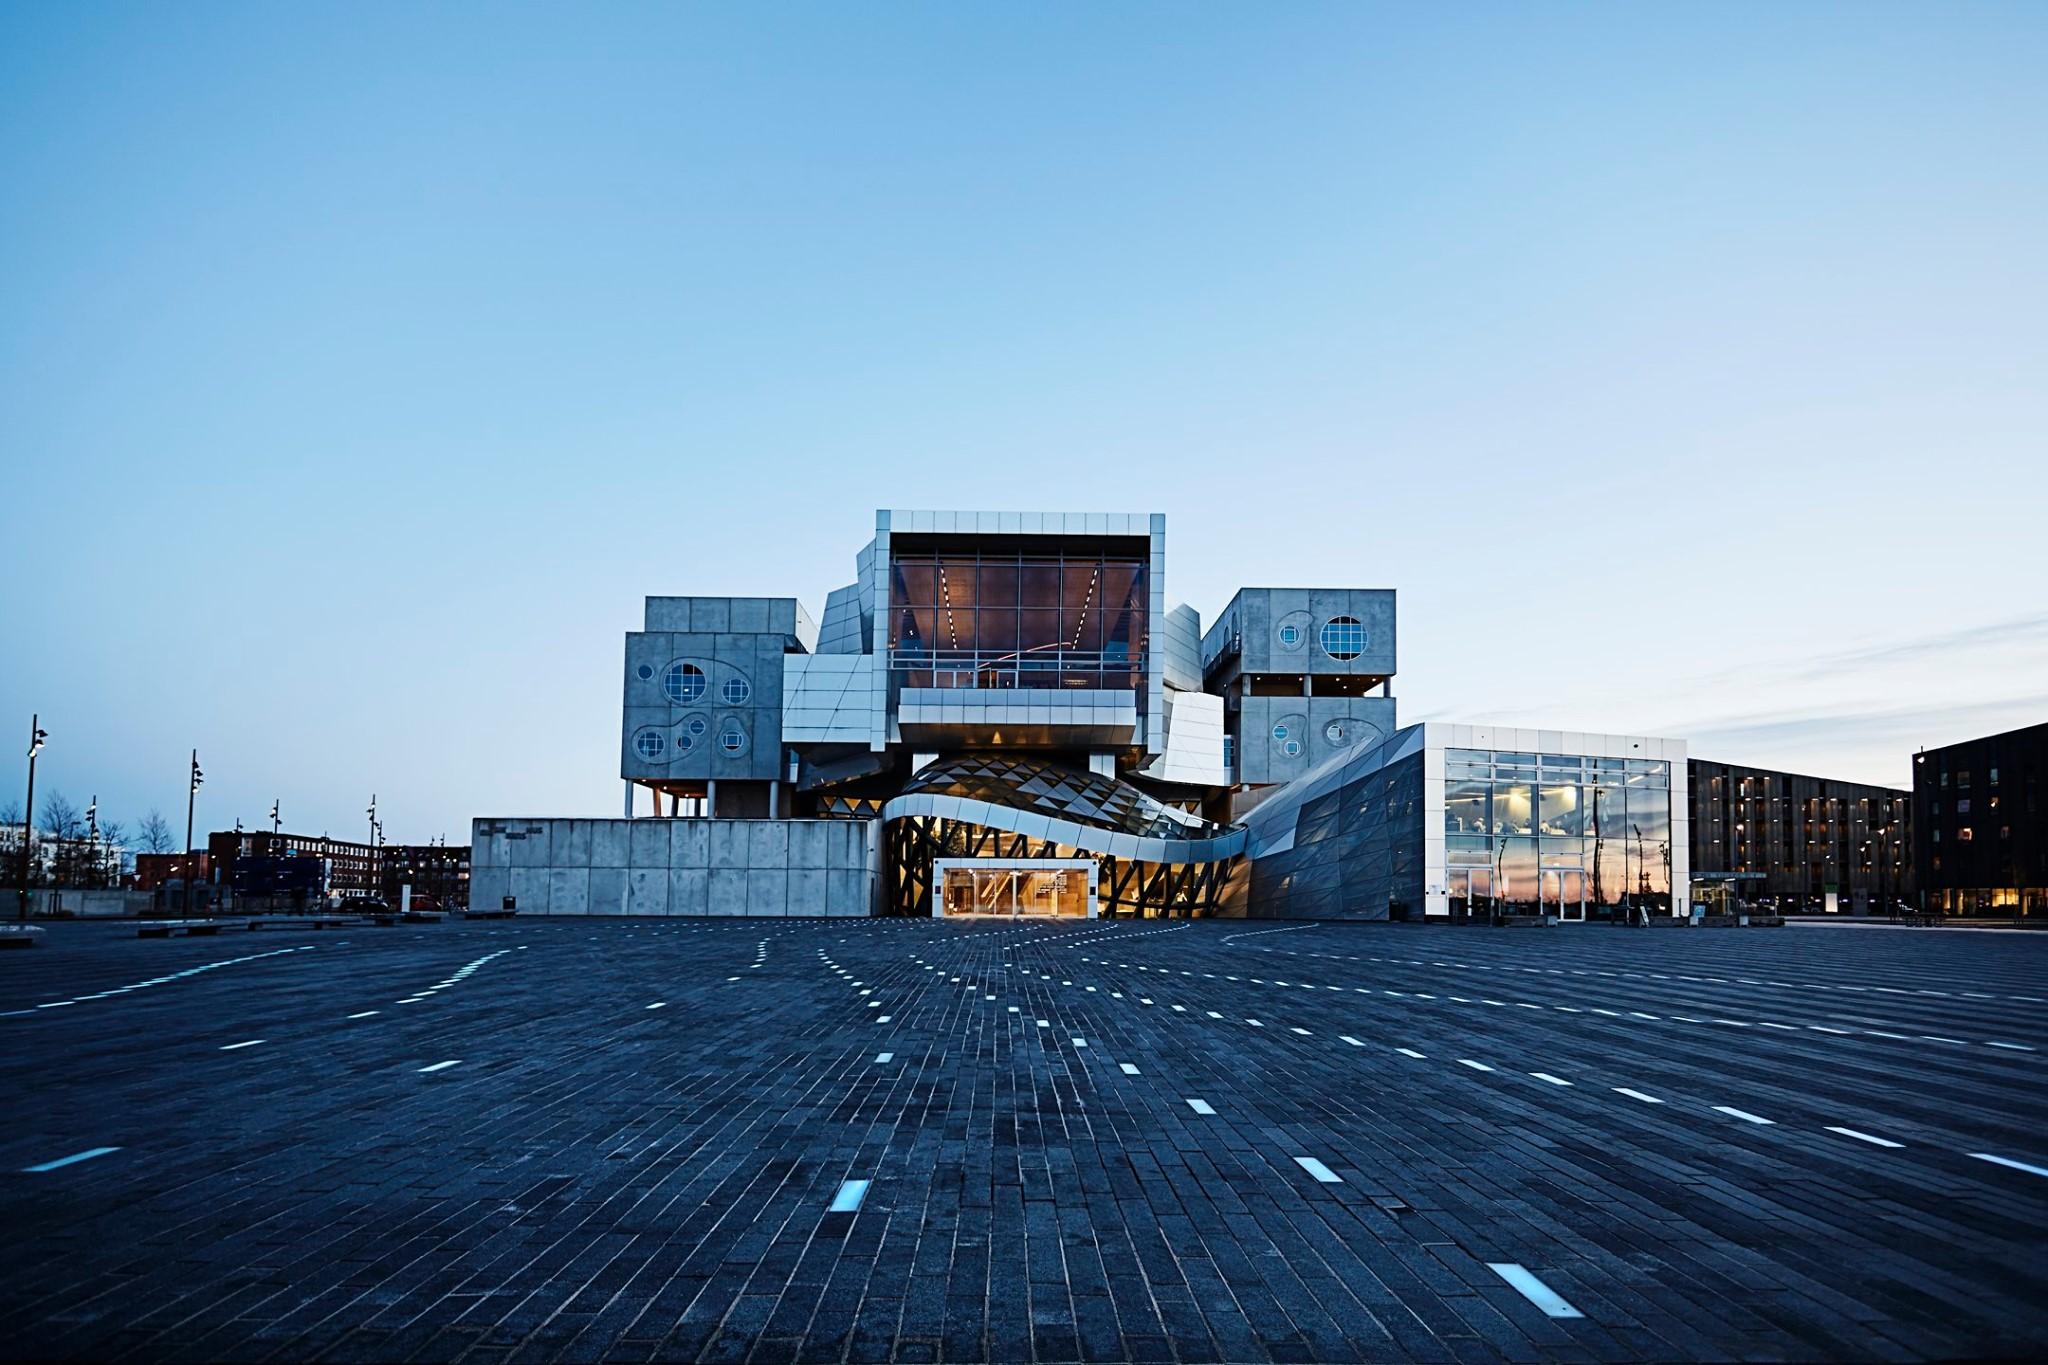 Store oplevelser i vente: Det glæder vi os til i Aalborg i 2020